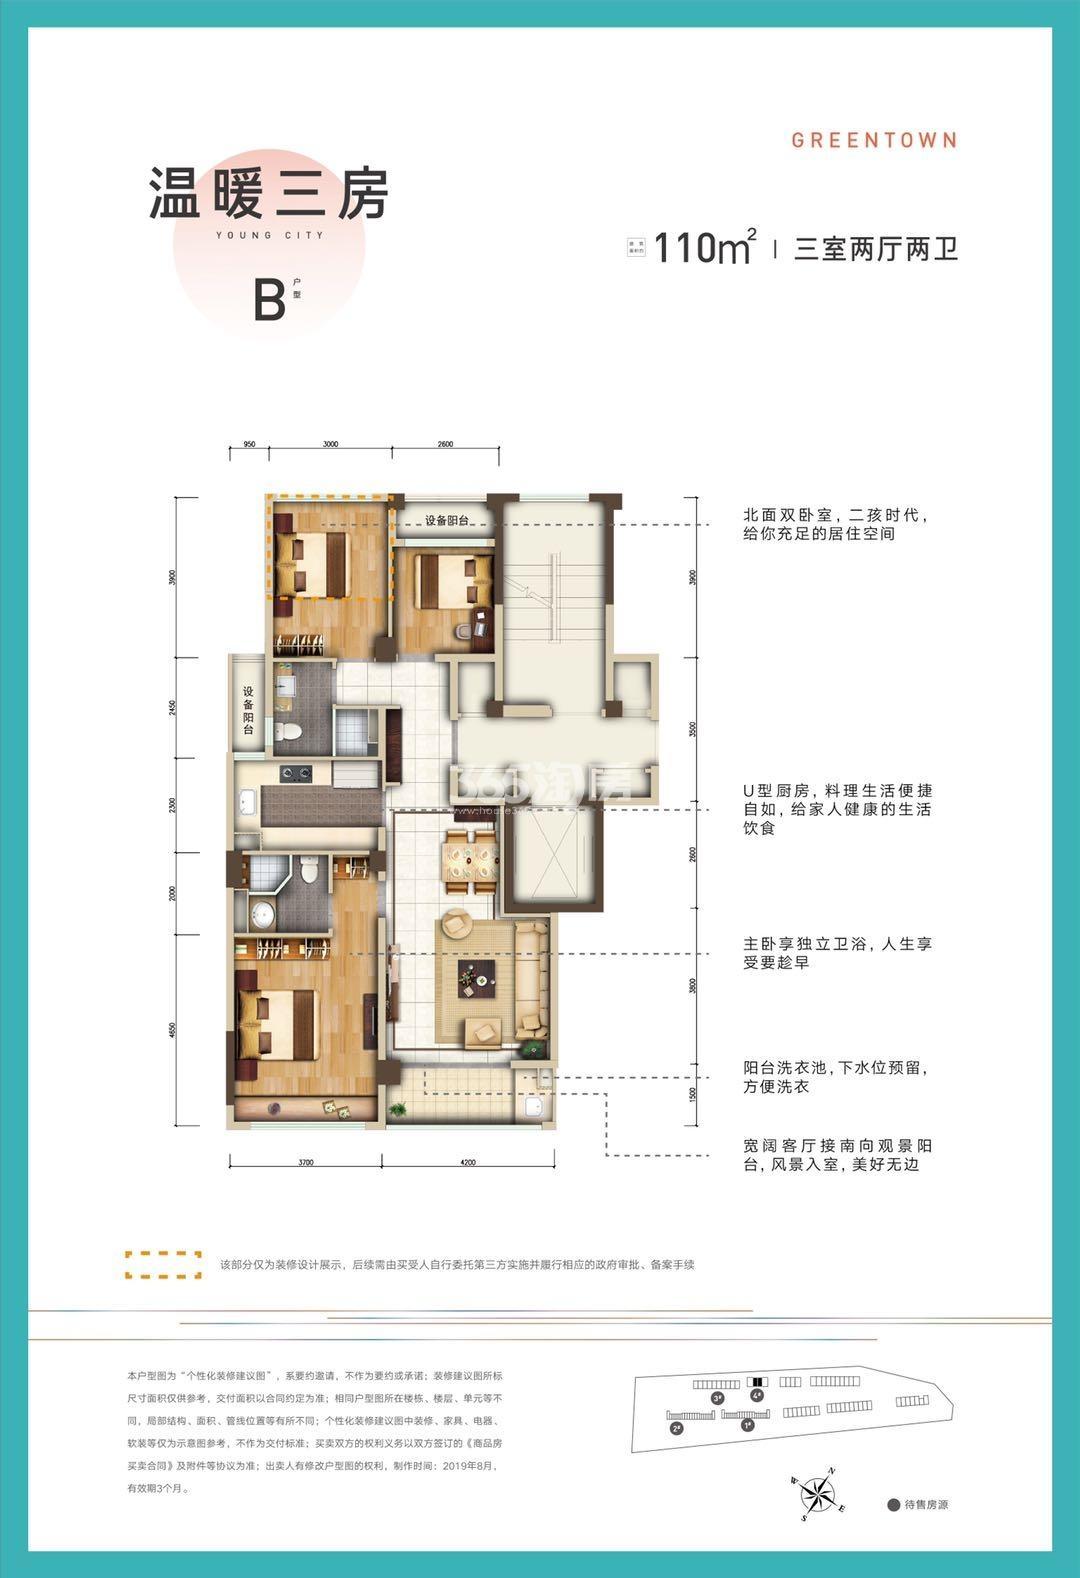 地铁绿城杨柳郡四期B户型约110㎡(4#中间套)